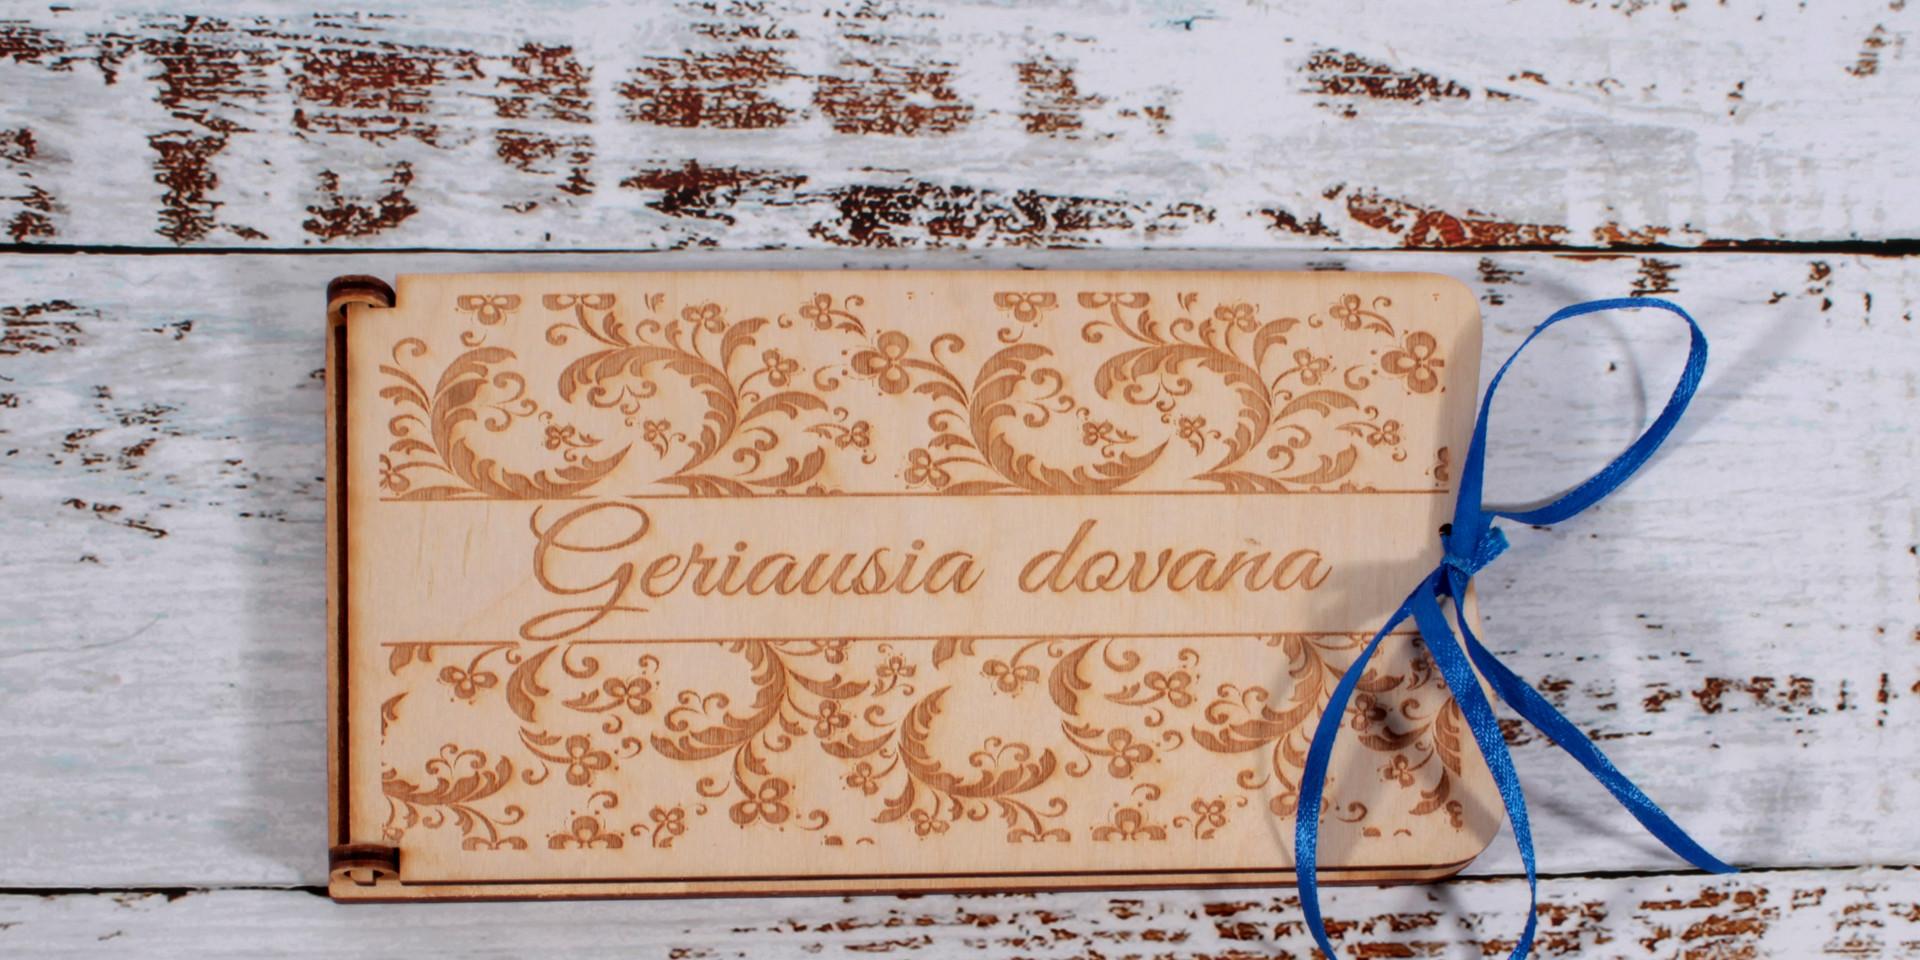 medinė dėžutė vokasMedinė dėžutė/vokas su įvairiais užrašais